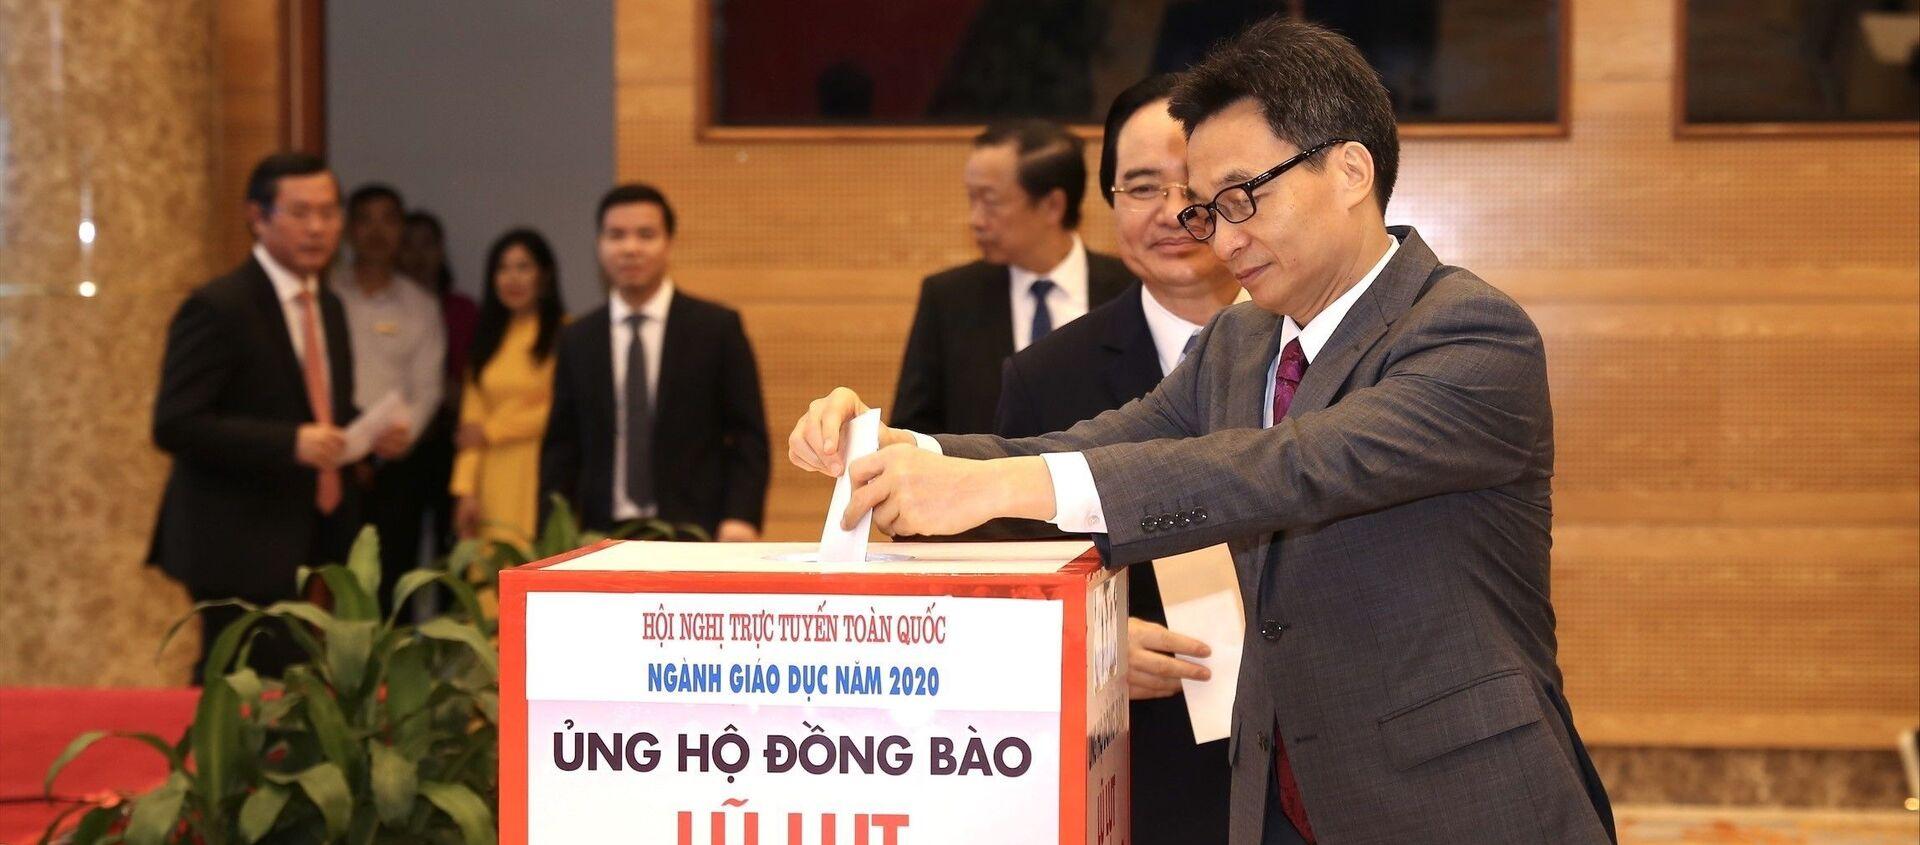 Phó Thủ tướng Vũ Đức Đam dự hội nghị tại điểm cầu Hà Nội và tham gia quyên góp ủng hộ đồng bào miền Trung khắc phục thiệt hại đợt lũ lụt vừa qua - Sputnik Việt Nam, 1920, 31.10.2020